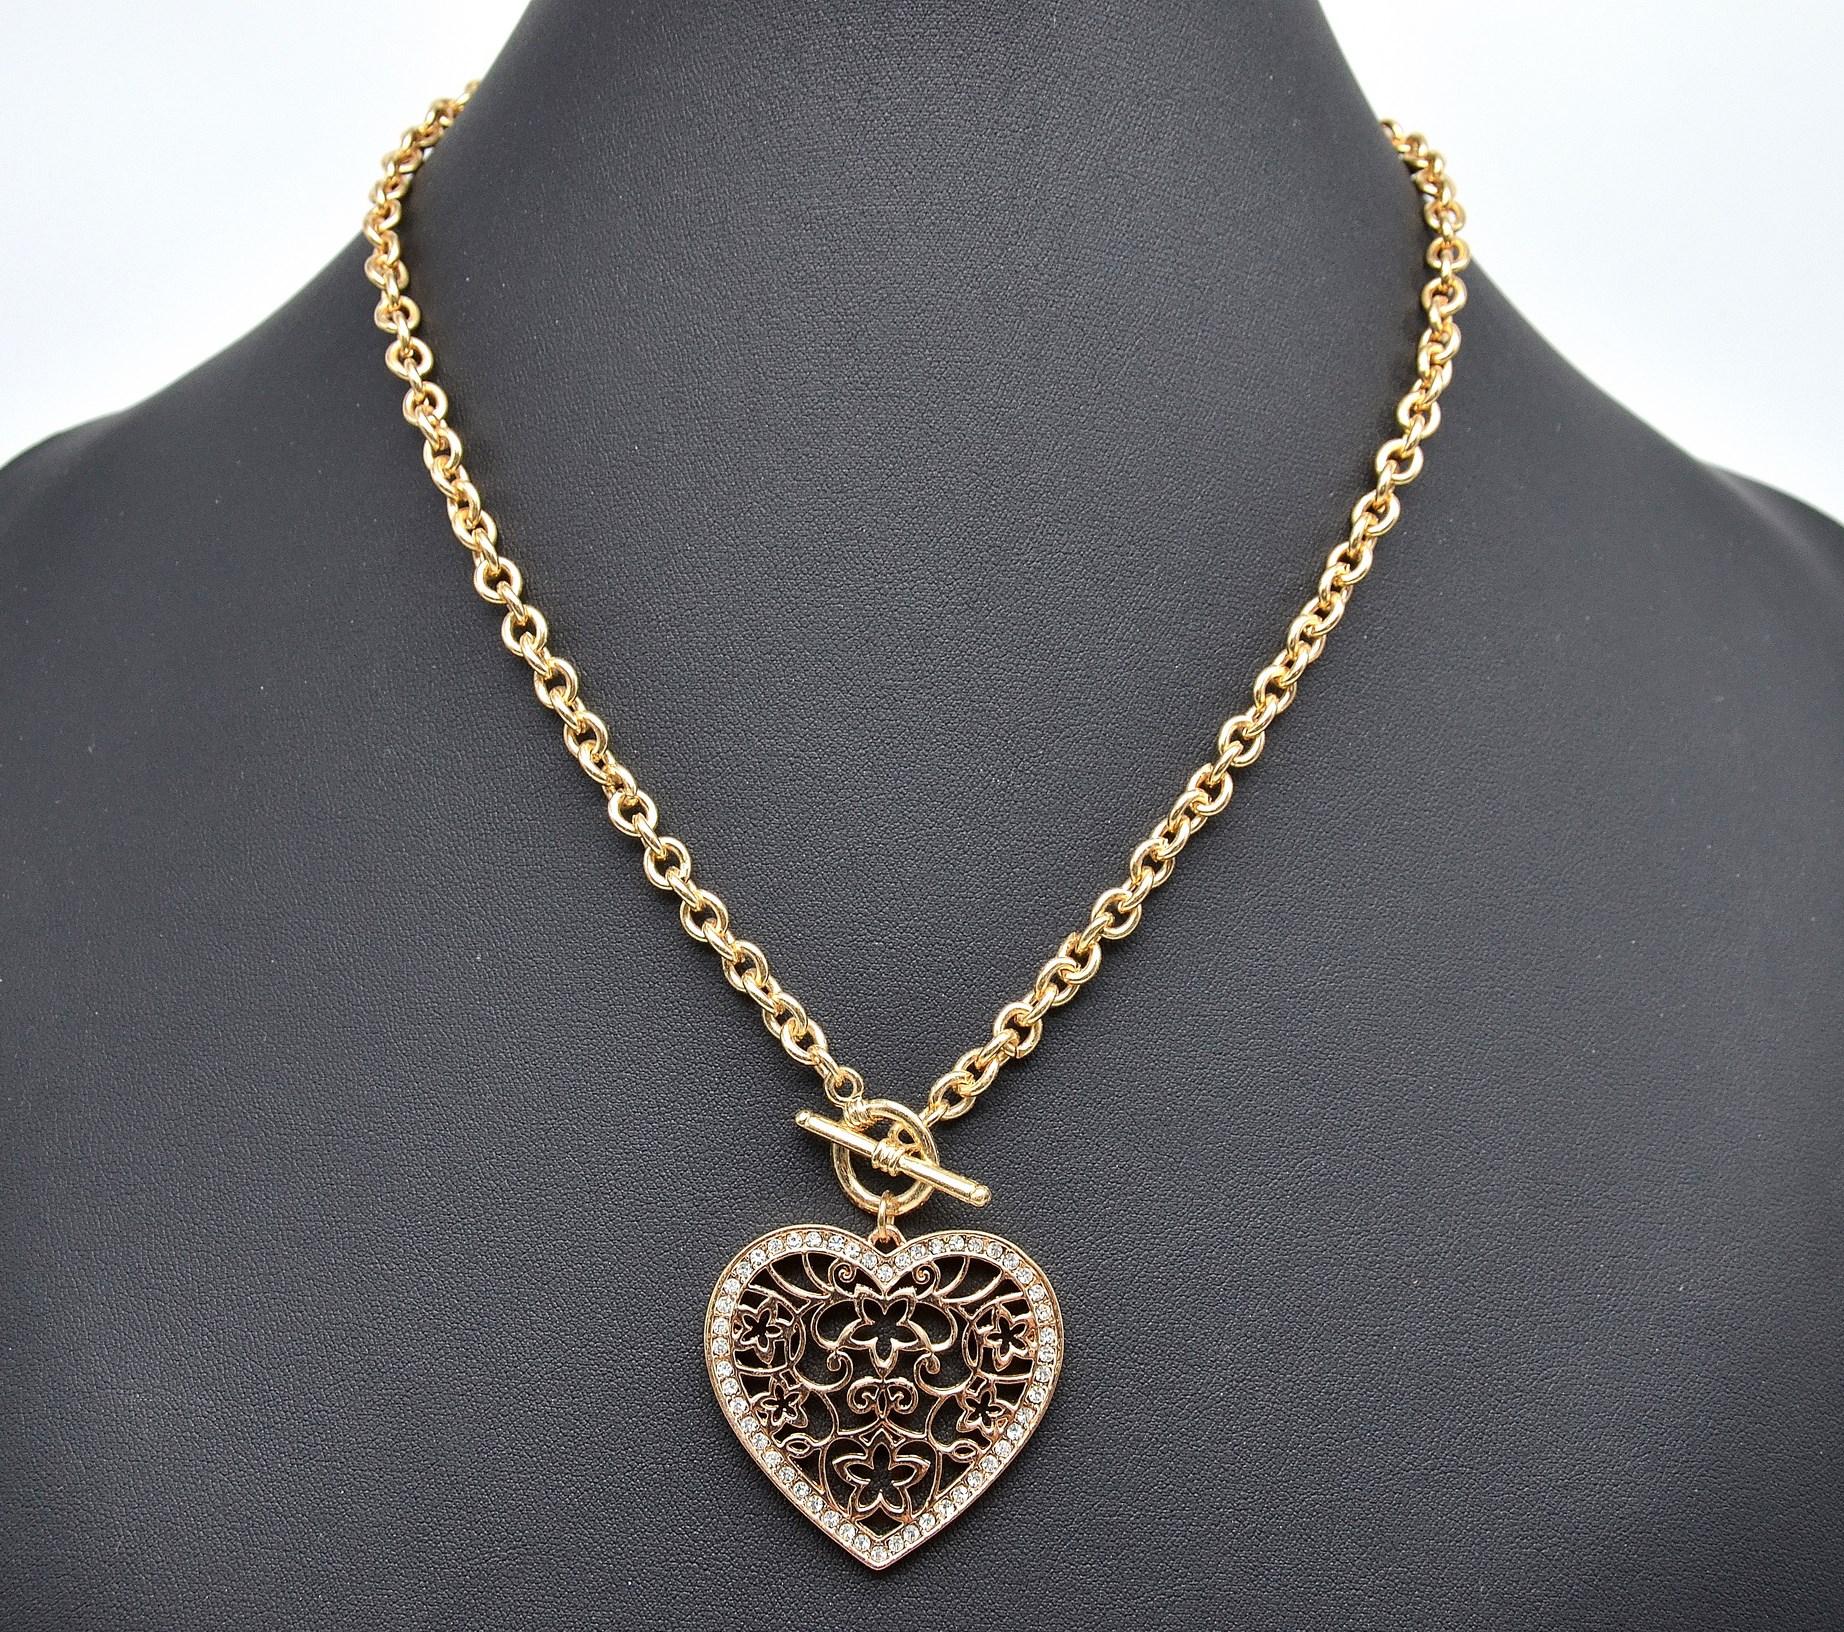 Collier chaine fantaisie coeur doré